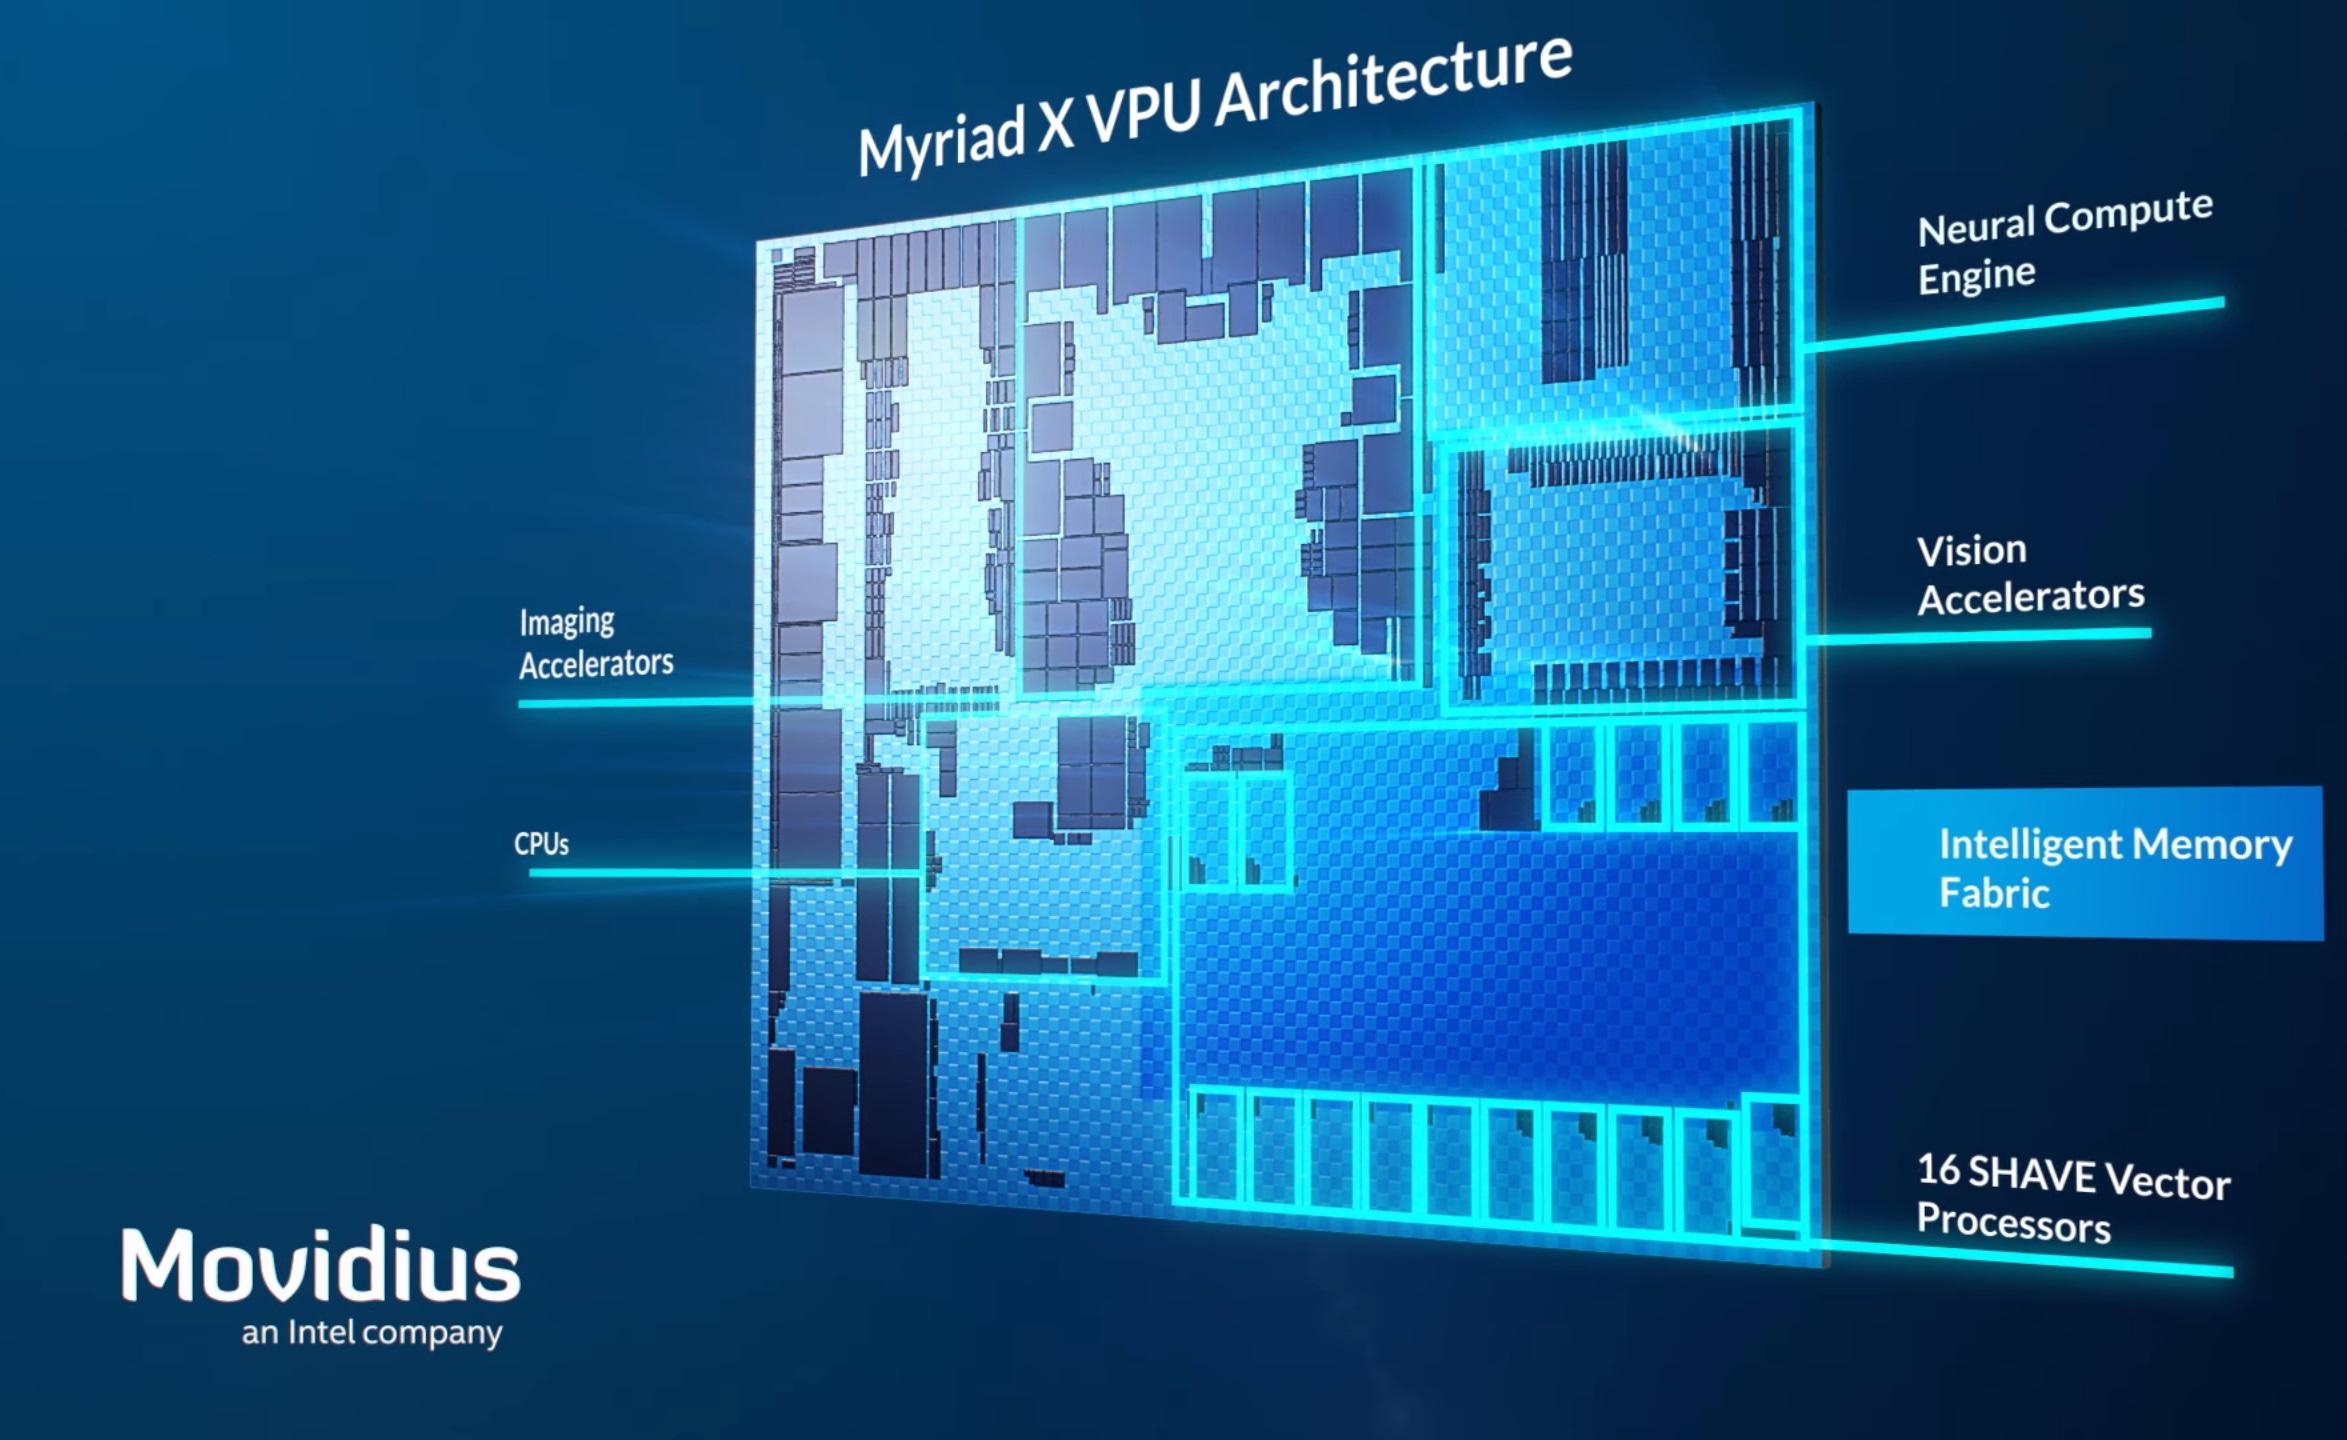 在 Intel Movidius 中的 VPU 可在矽晶片處理電腦視覺應用